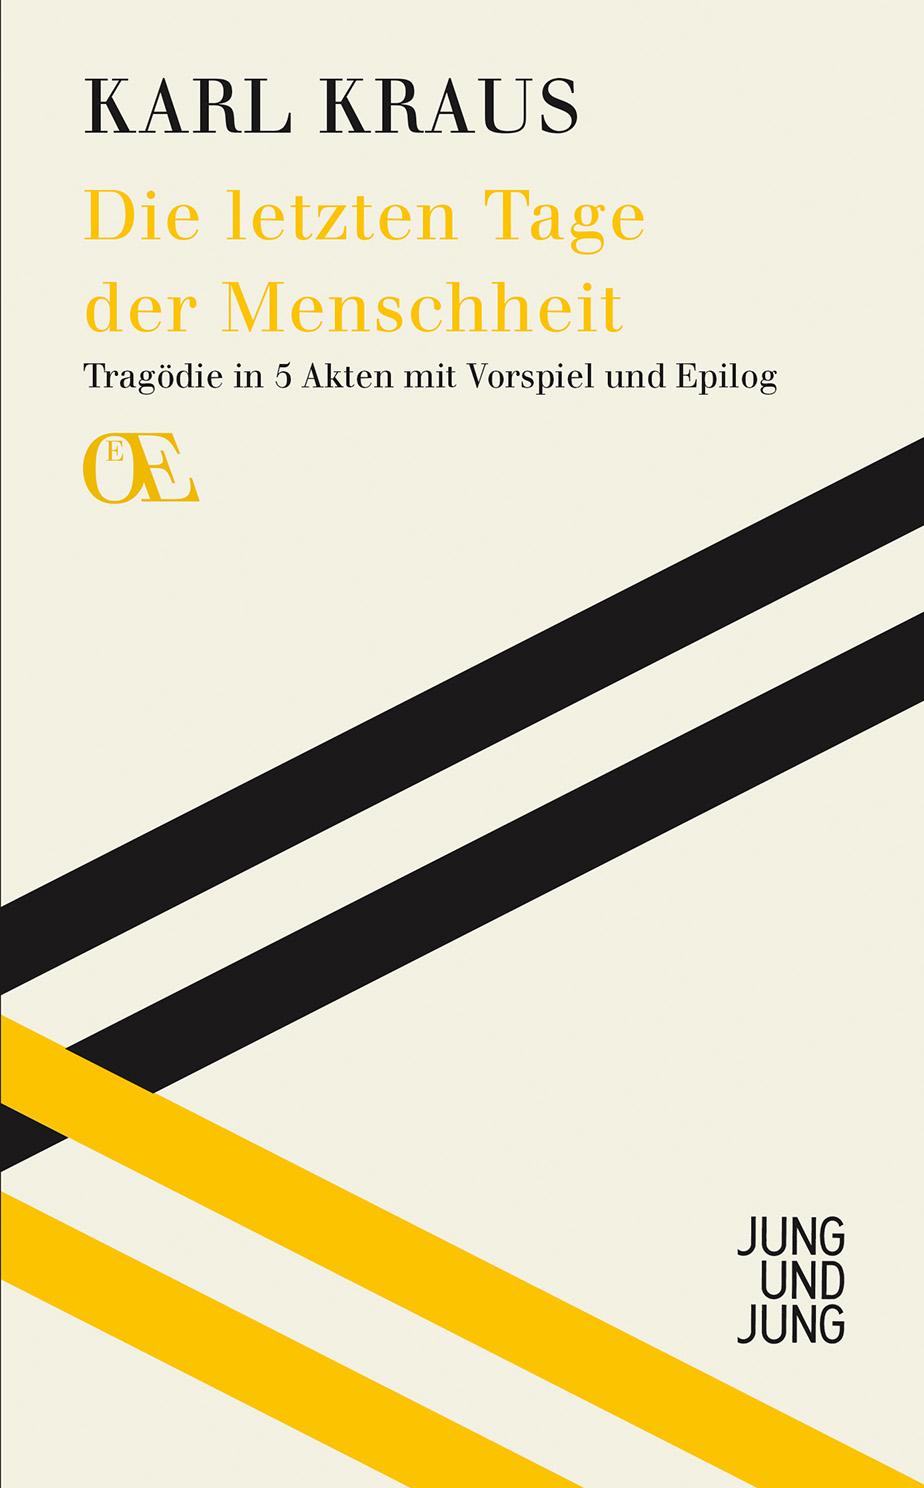 Die letzten Tage der Menschheit: Tragödie in fünf Akten mit Vorspiel und Epilog - Karl Kraus